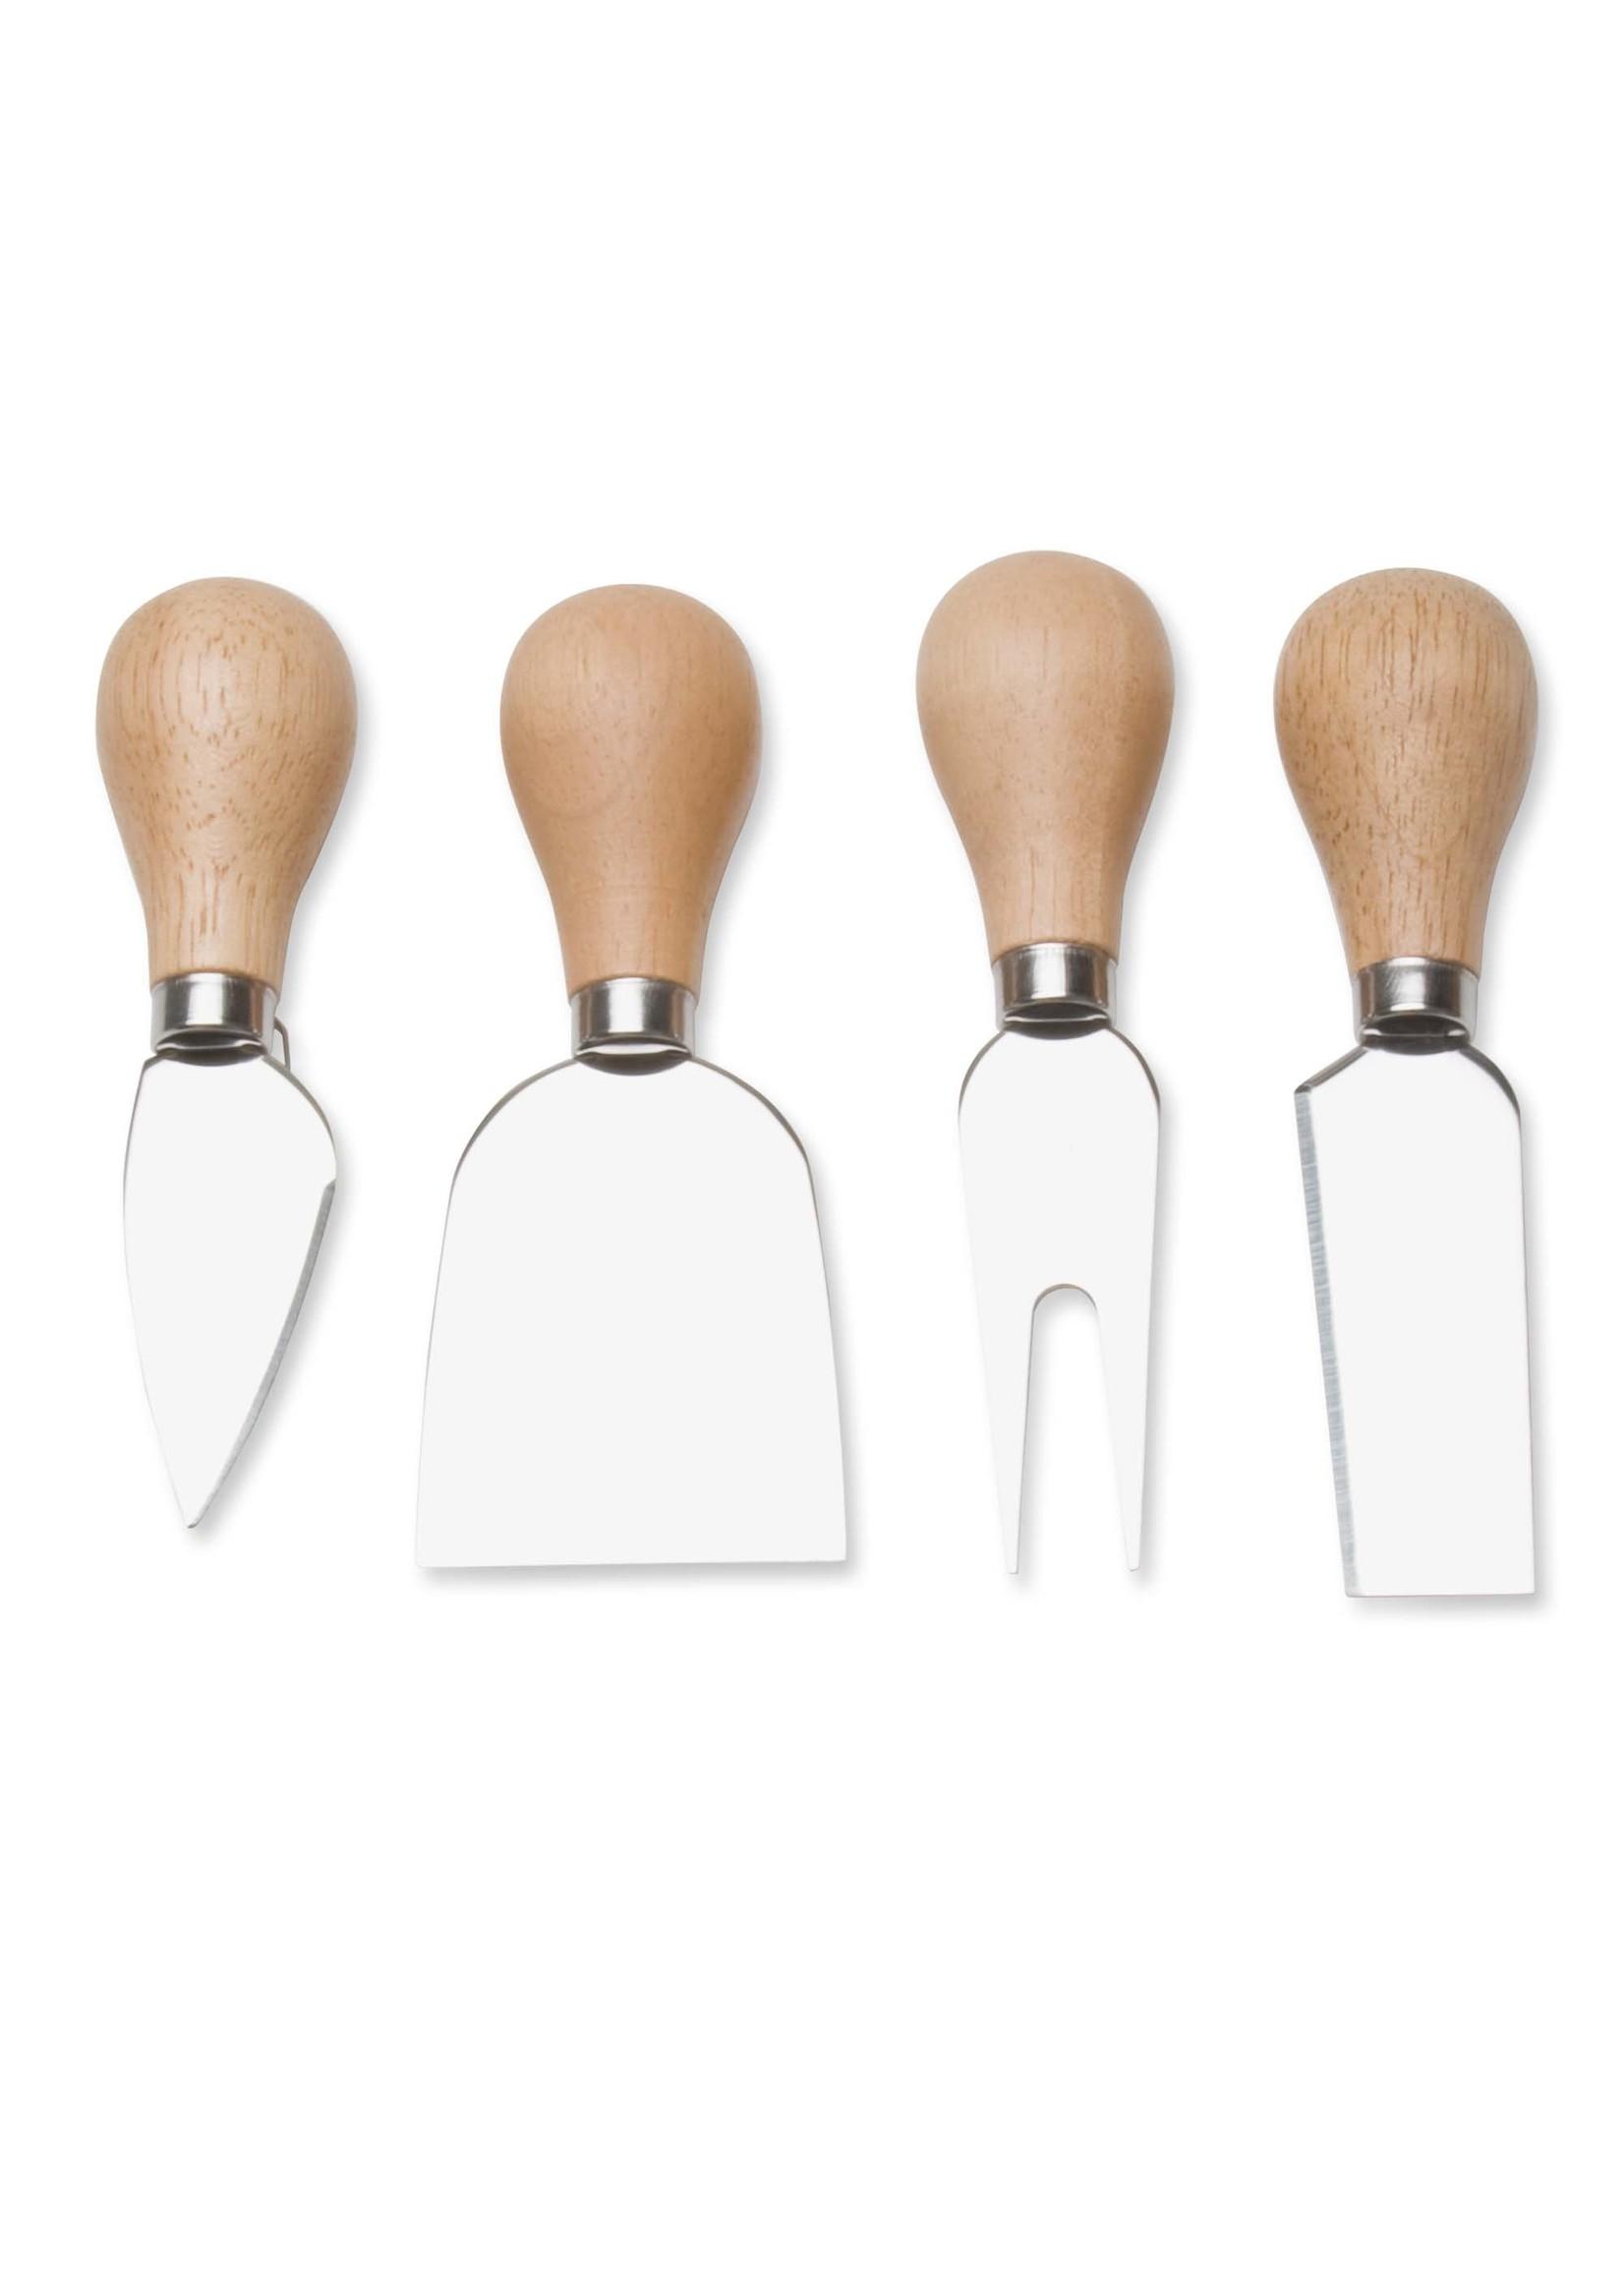 Tag natural handled cheese utensils set- Natural